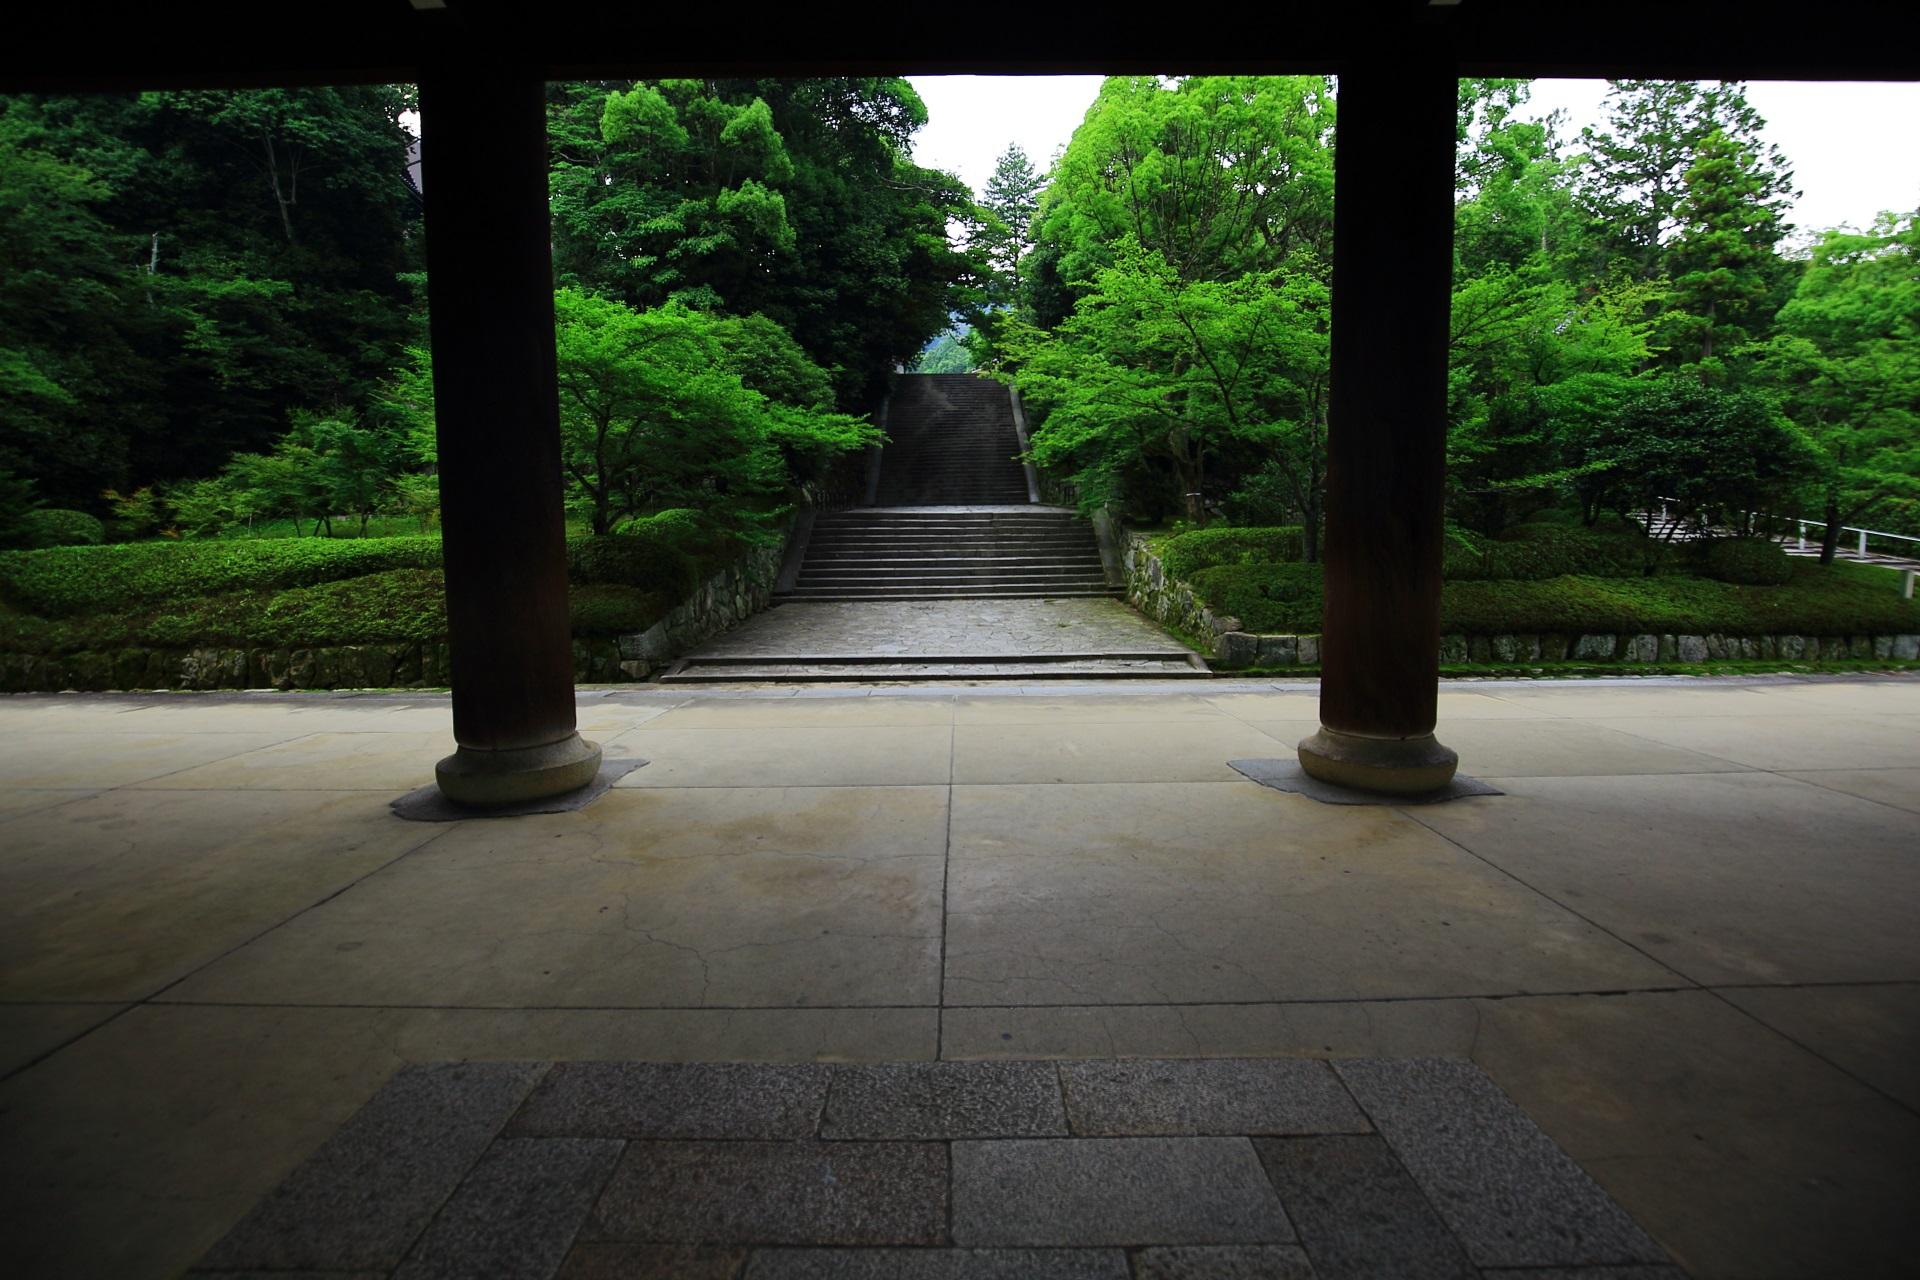 知恩院の三門から続く男坂と綺麗な緑